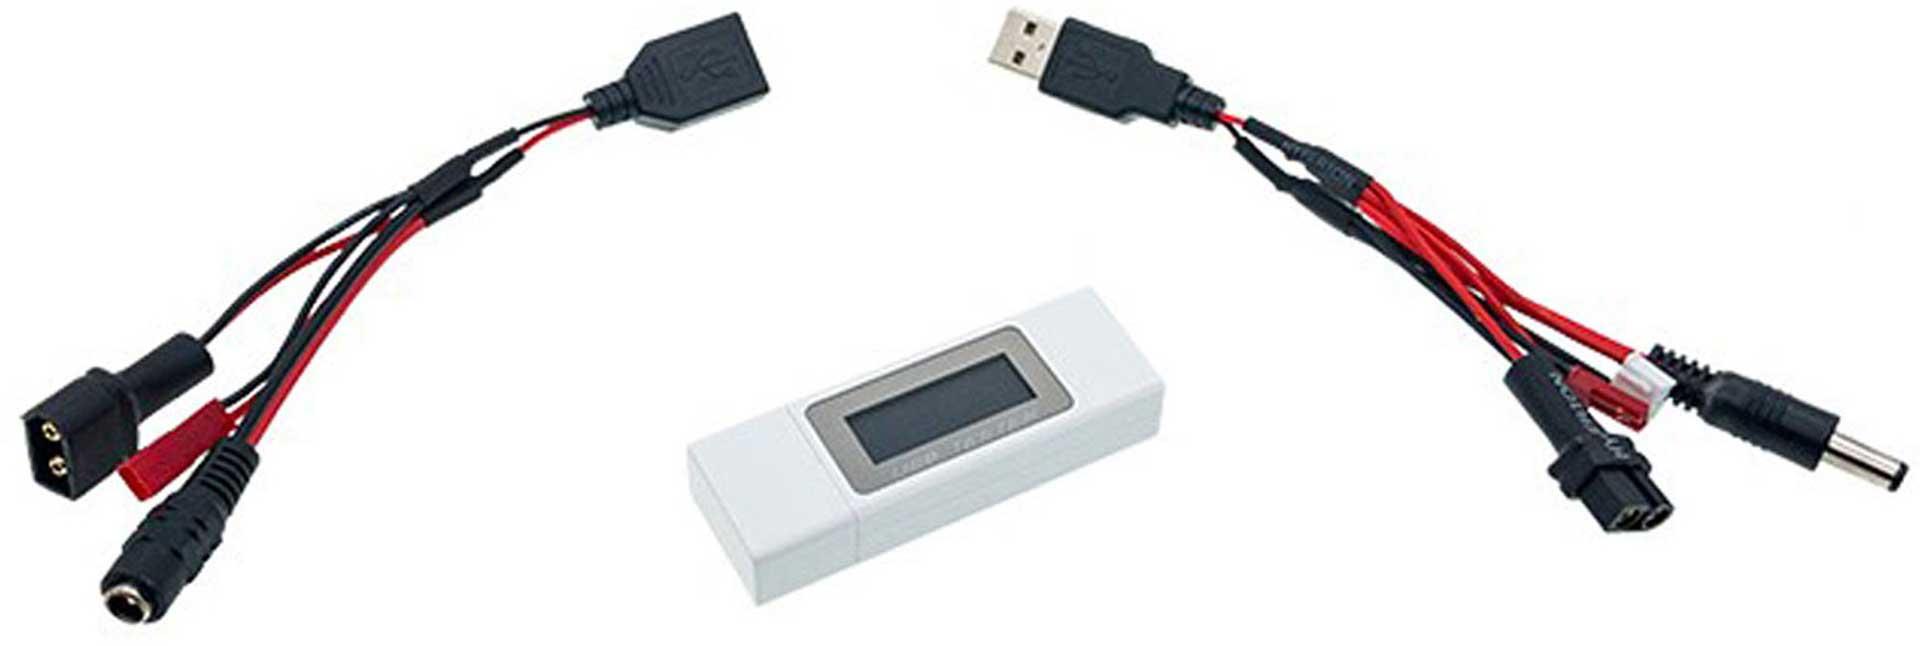 HYPERION MULTITESTER POWER METER 4-30V/5A USB